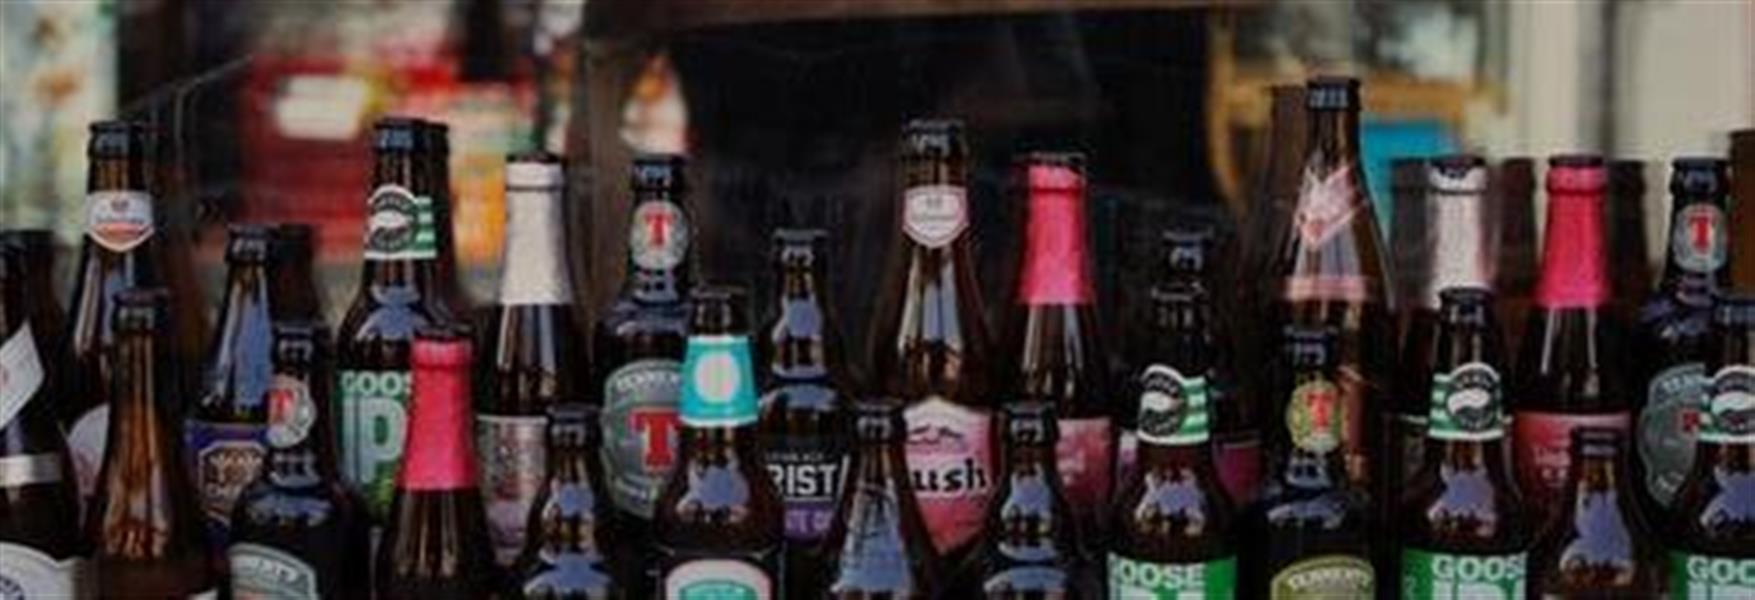 deae8ee4-7ee4-4e41-879e-80df01e8374b_Beer bottles.jpg